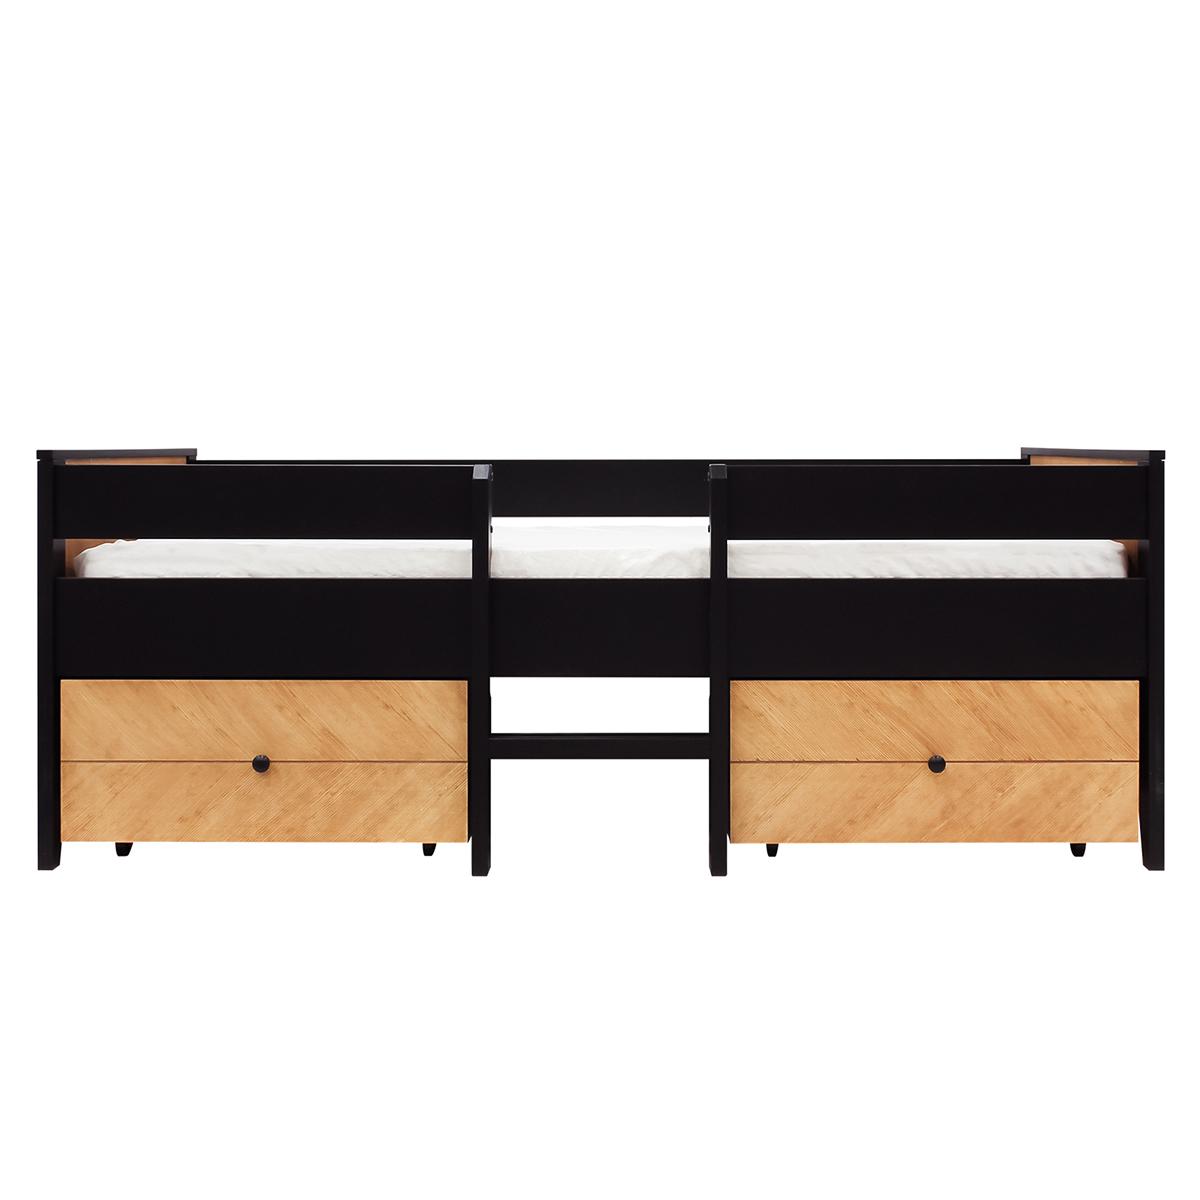 Lit 90x200 2 tiroirs de lit sommier inclus noir bois naturel